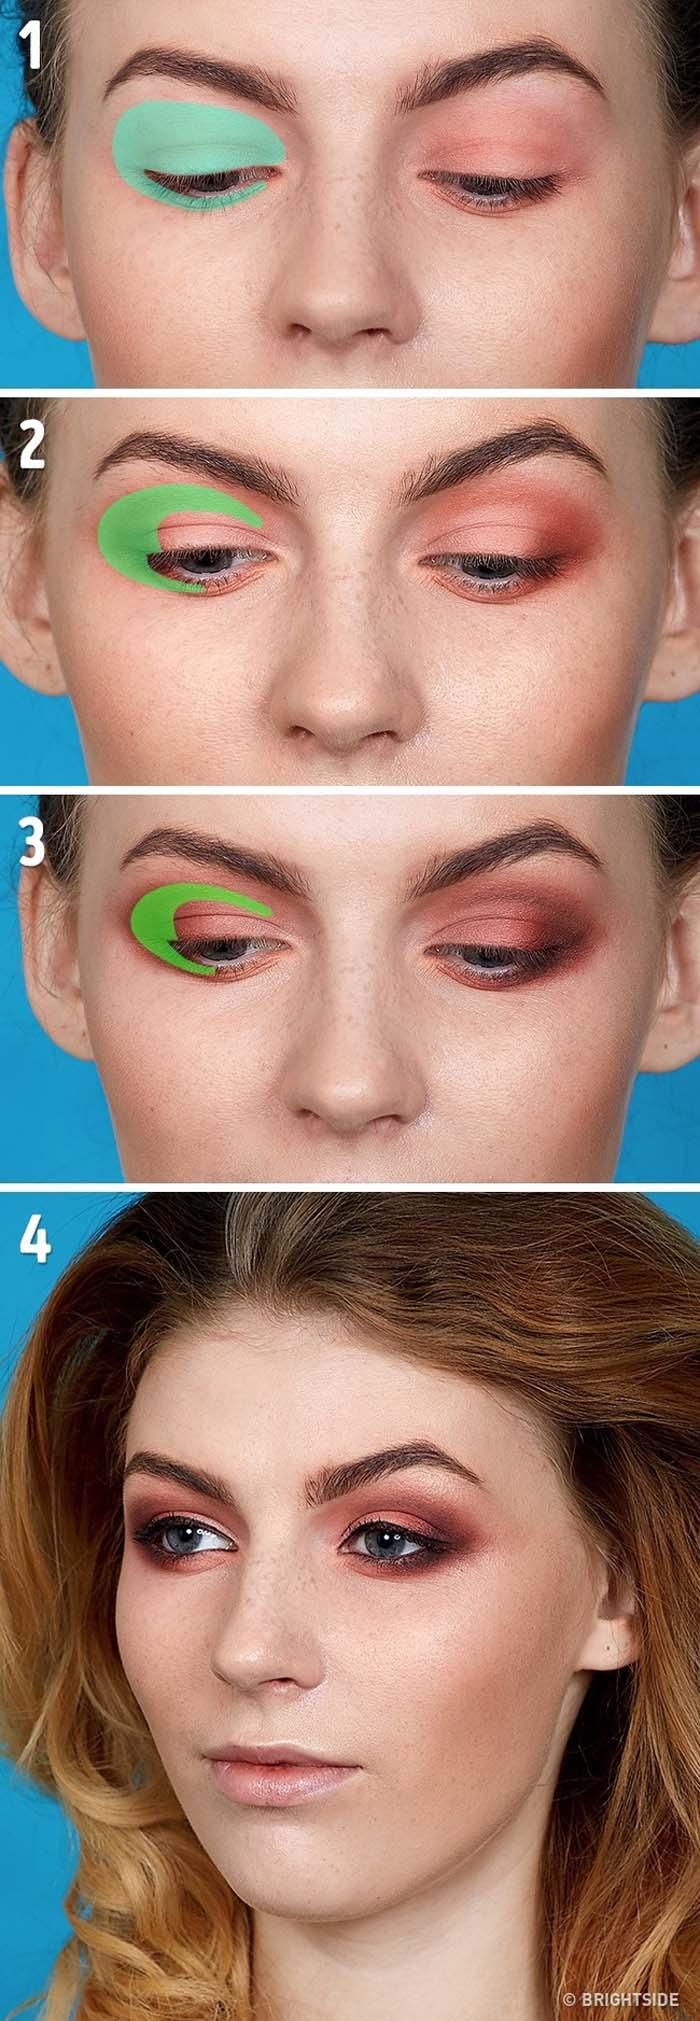 Βασικές τεχνικές στο μακιγιάζ που κάθε γυναίκα πρέπει να γνωρίζει (4)